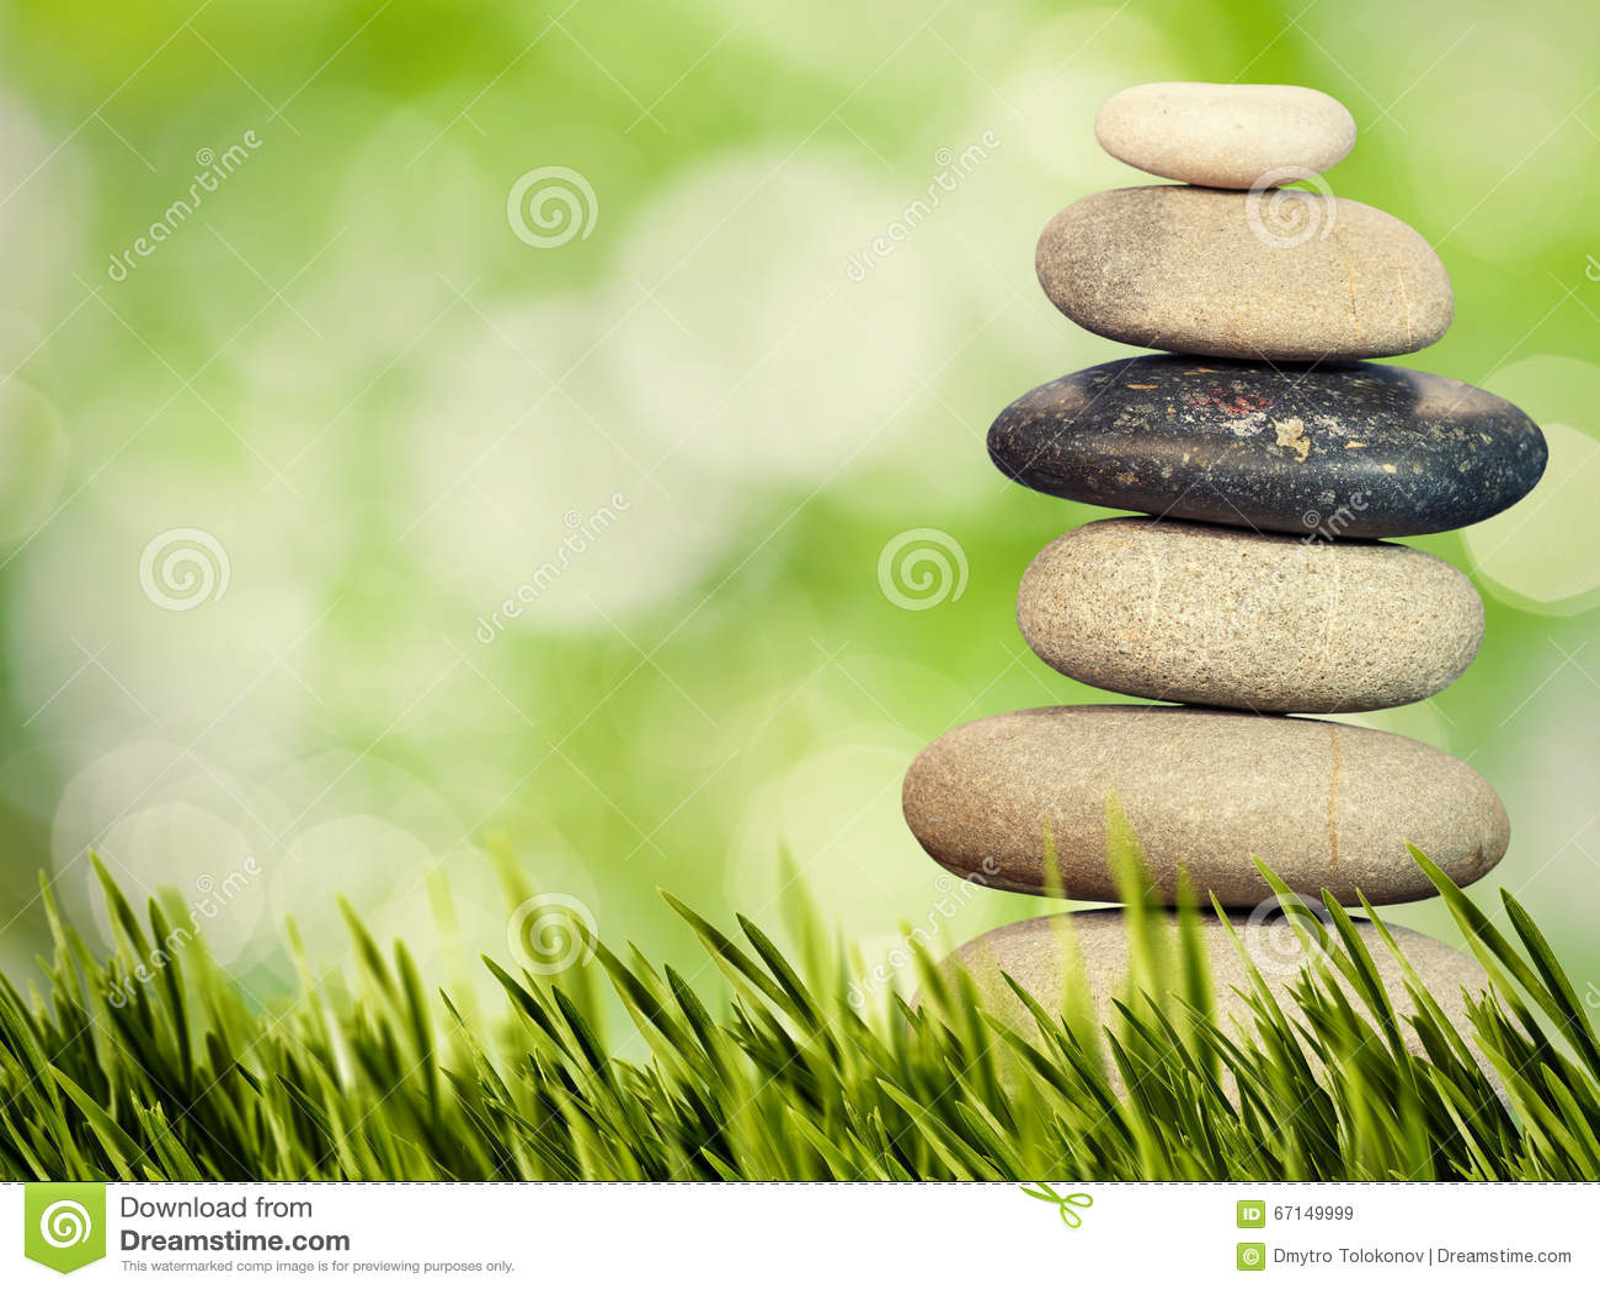 Benessere Salute E Concetto Naturale Di Armonia Immagine Stock Immagine Di Bellezza Giorno 67149999